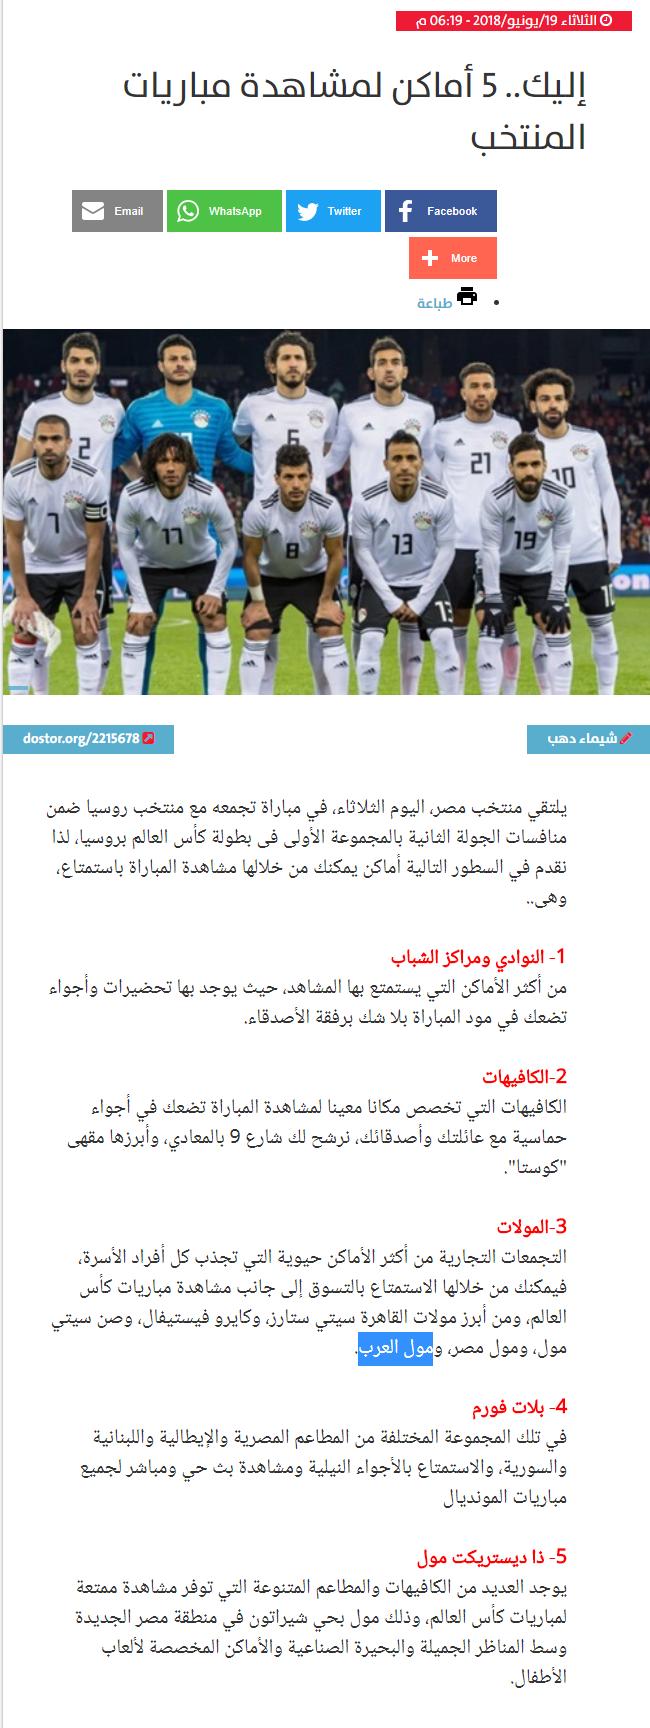 FireShot Capture 956 - جريدة الدستور_ إليك.. 5 أماكن لمشاهدة مباري_ - https___www.dostor.org_2215678.png